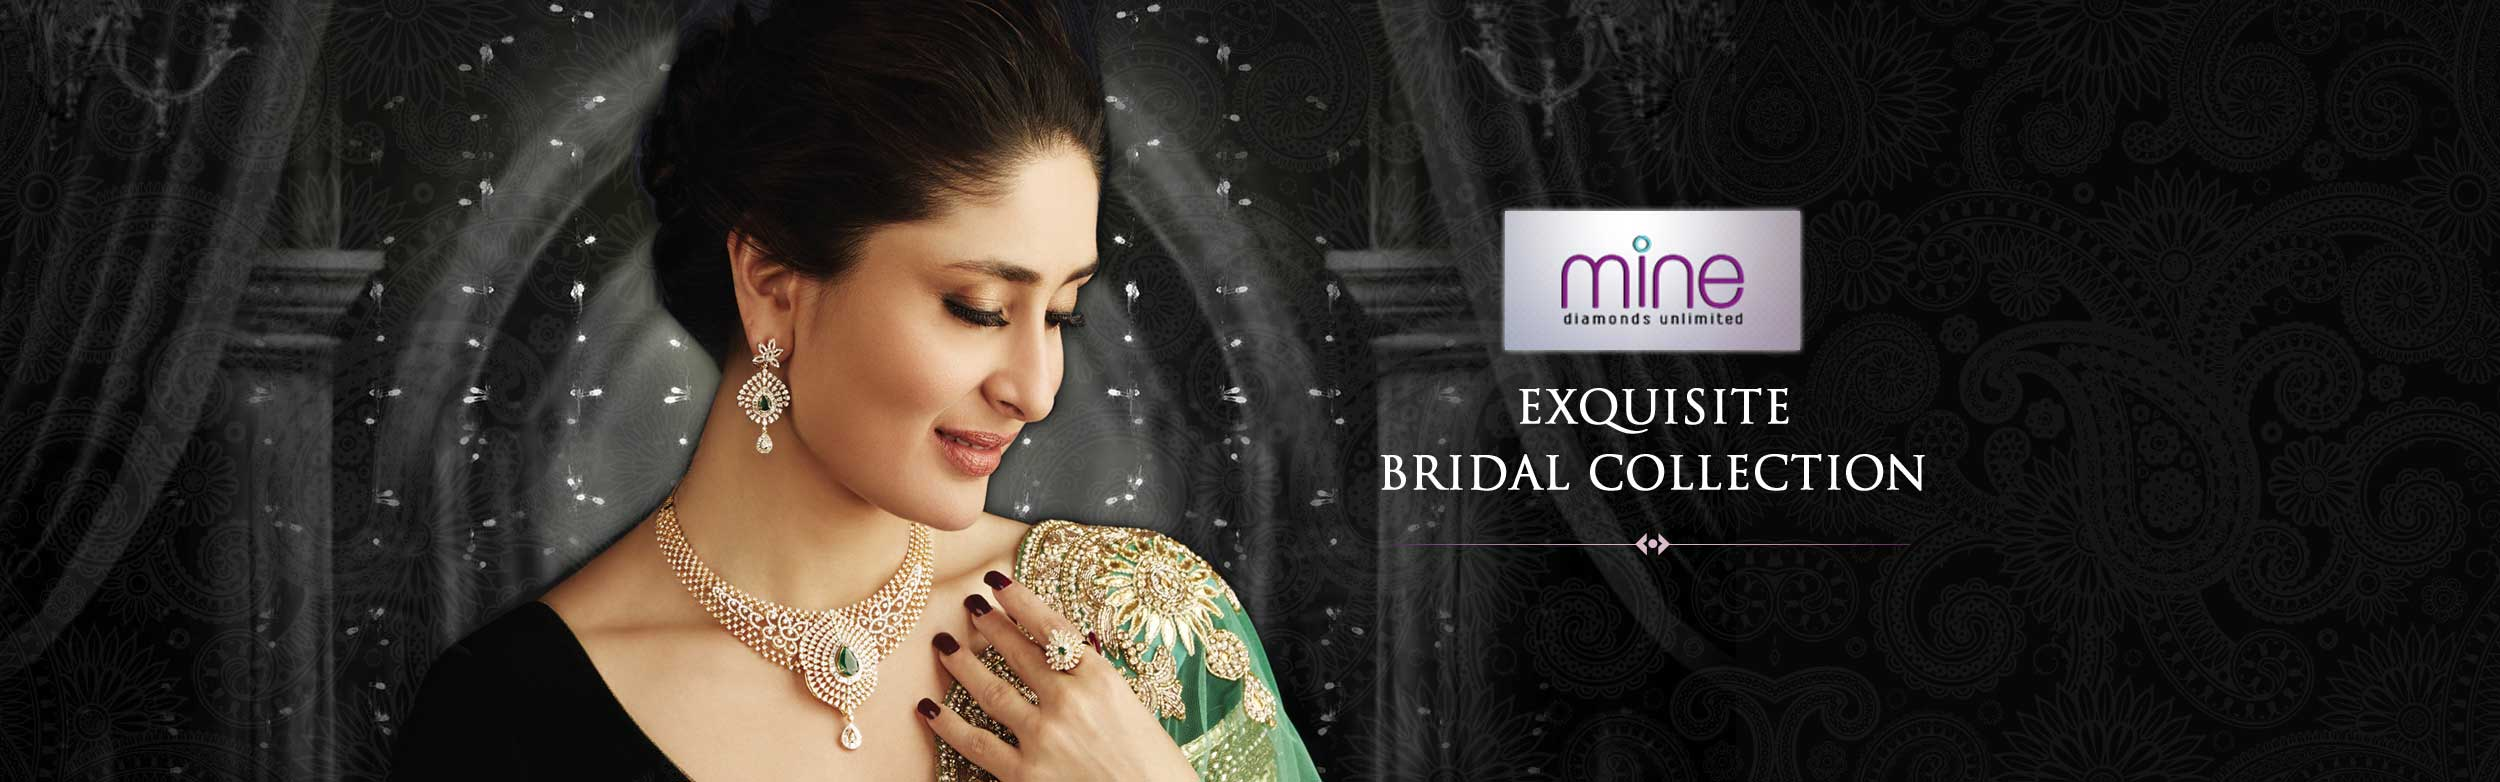 Malabar gold jewellery designs dubai - Malabar Gold Jewellery Designs Dubai 56